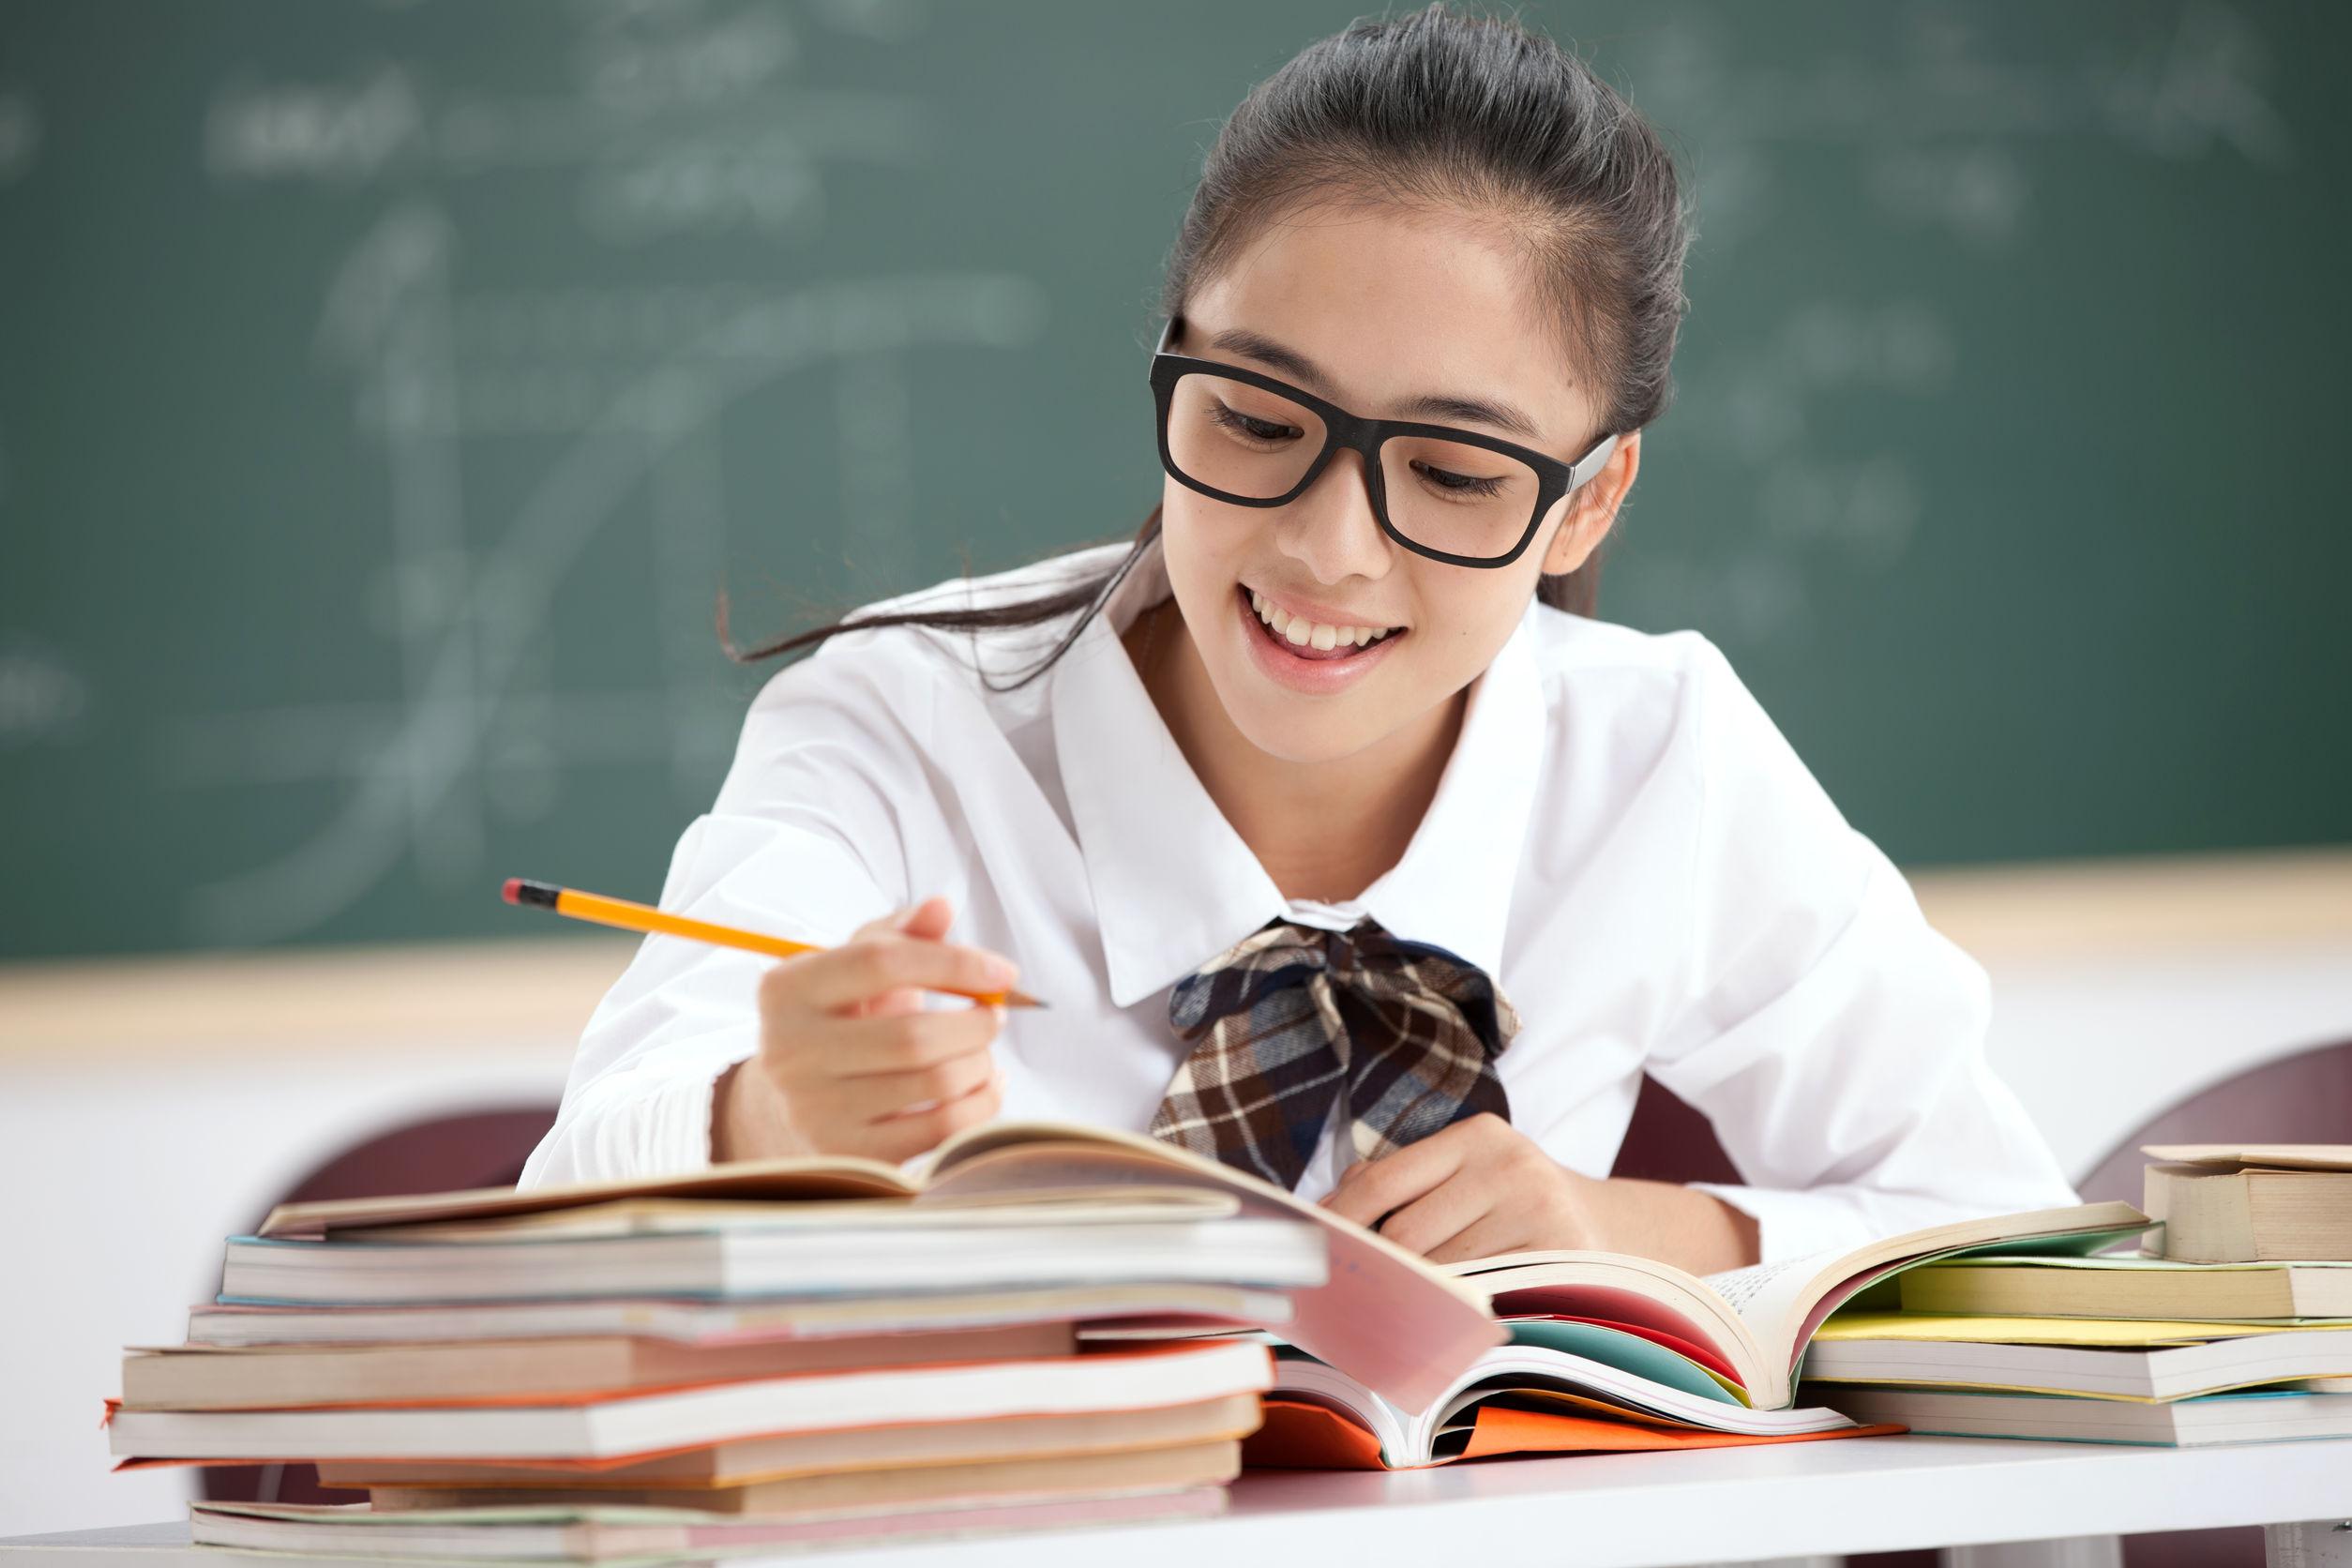 文化大學日文系面試||Dorothy-中國文化大學